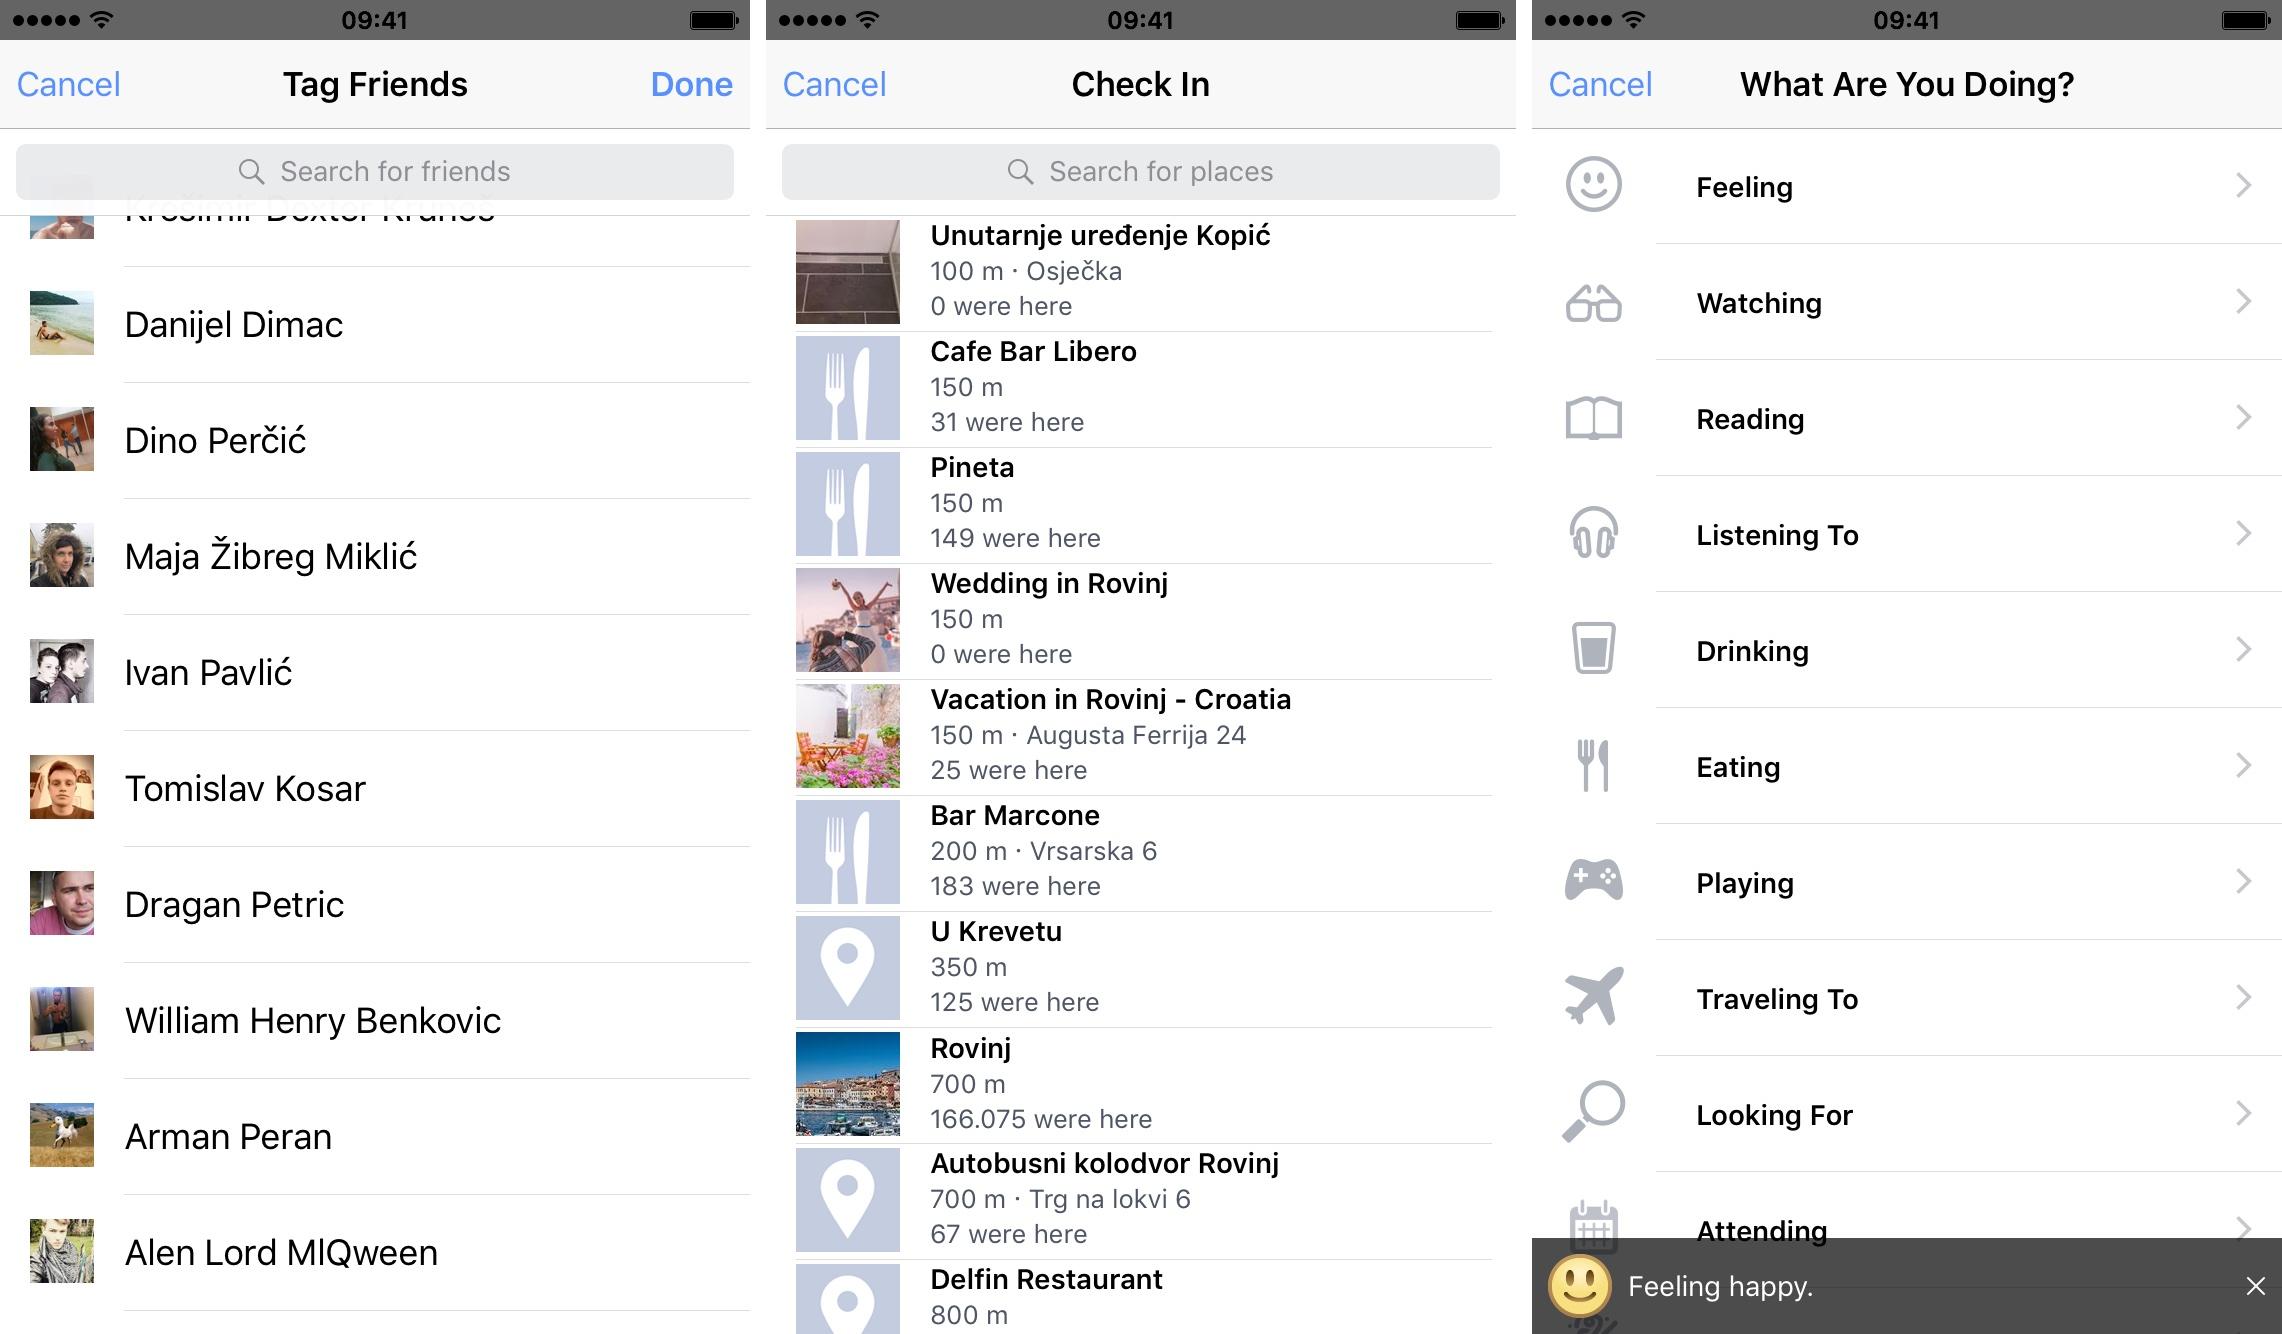 Captura de pantalla 003 del iPhone del nuevo diseño de la hoja de Facebook